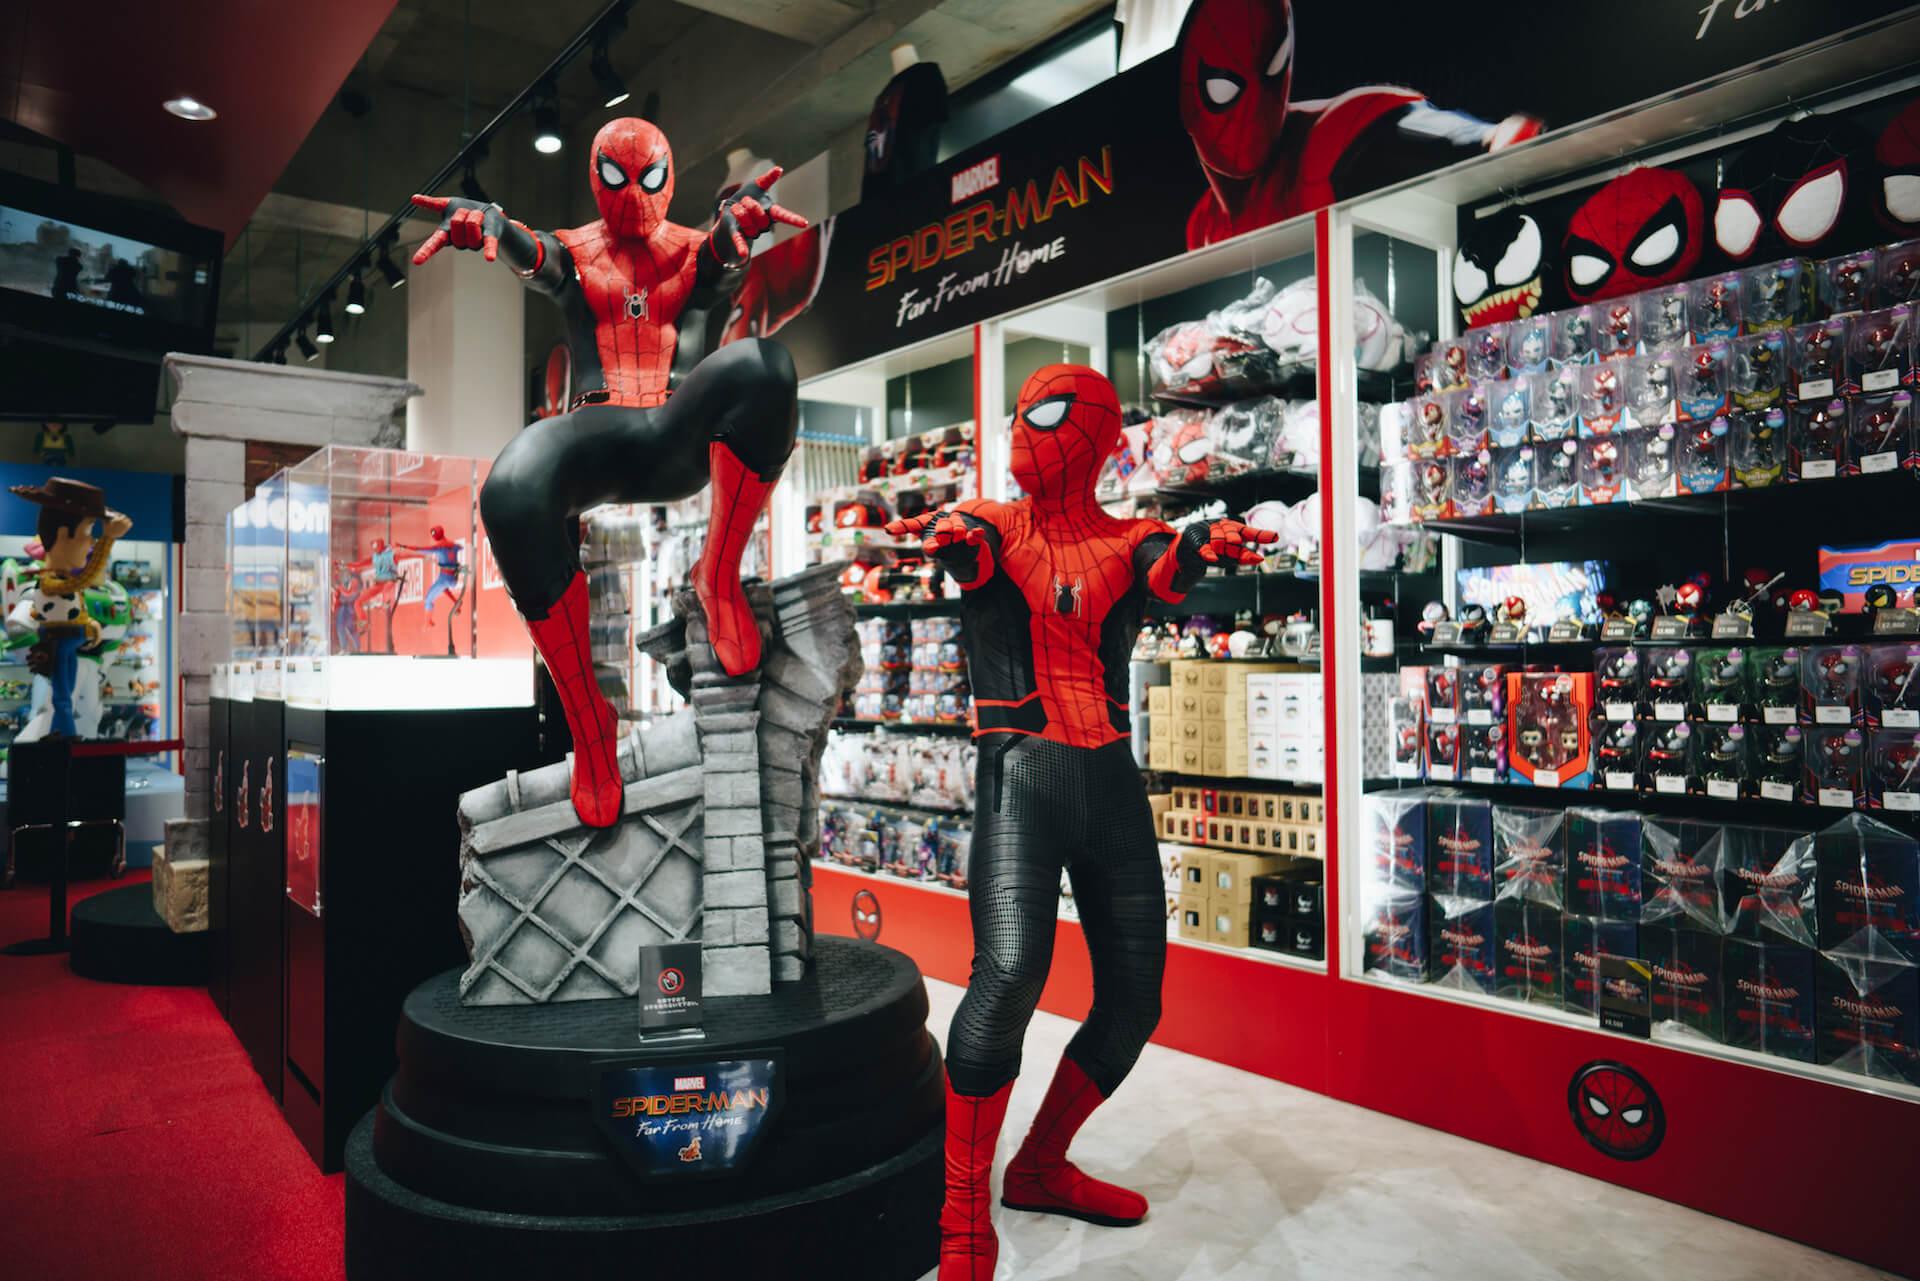 スパイダーマン好きなら目ギラギラ大興奮必至の期間限定ショップ探訪 art-culture-spiderman-store-report-2